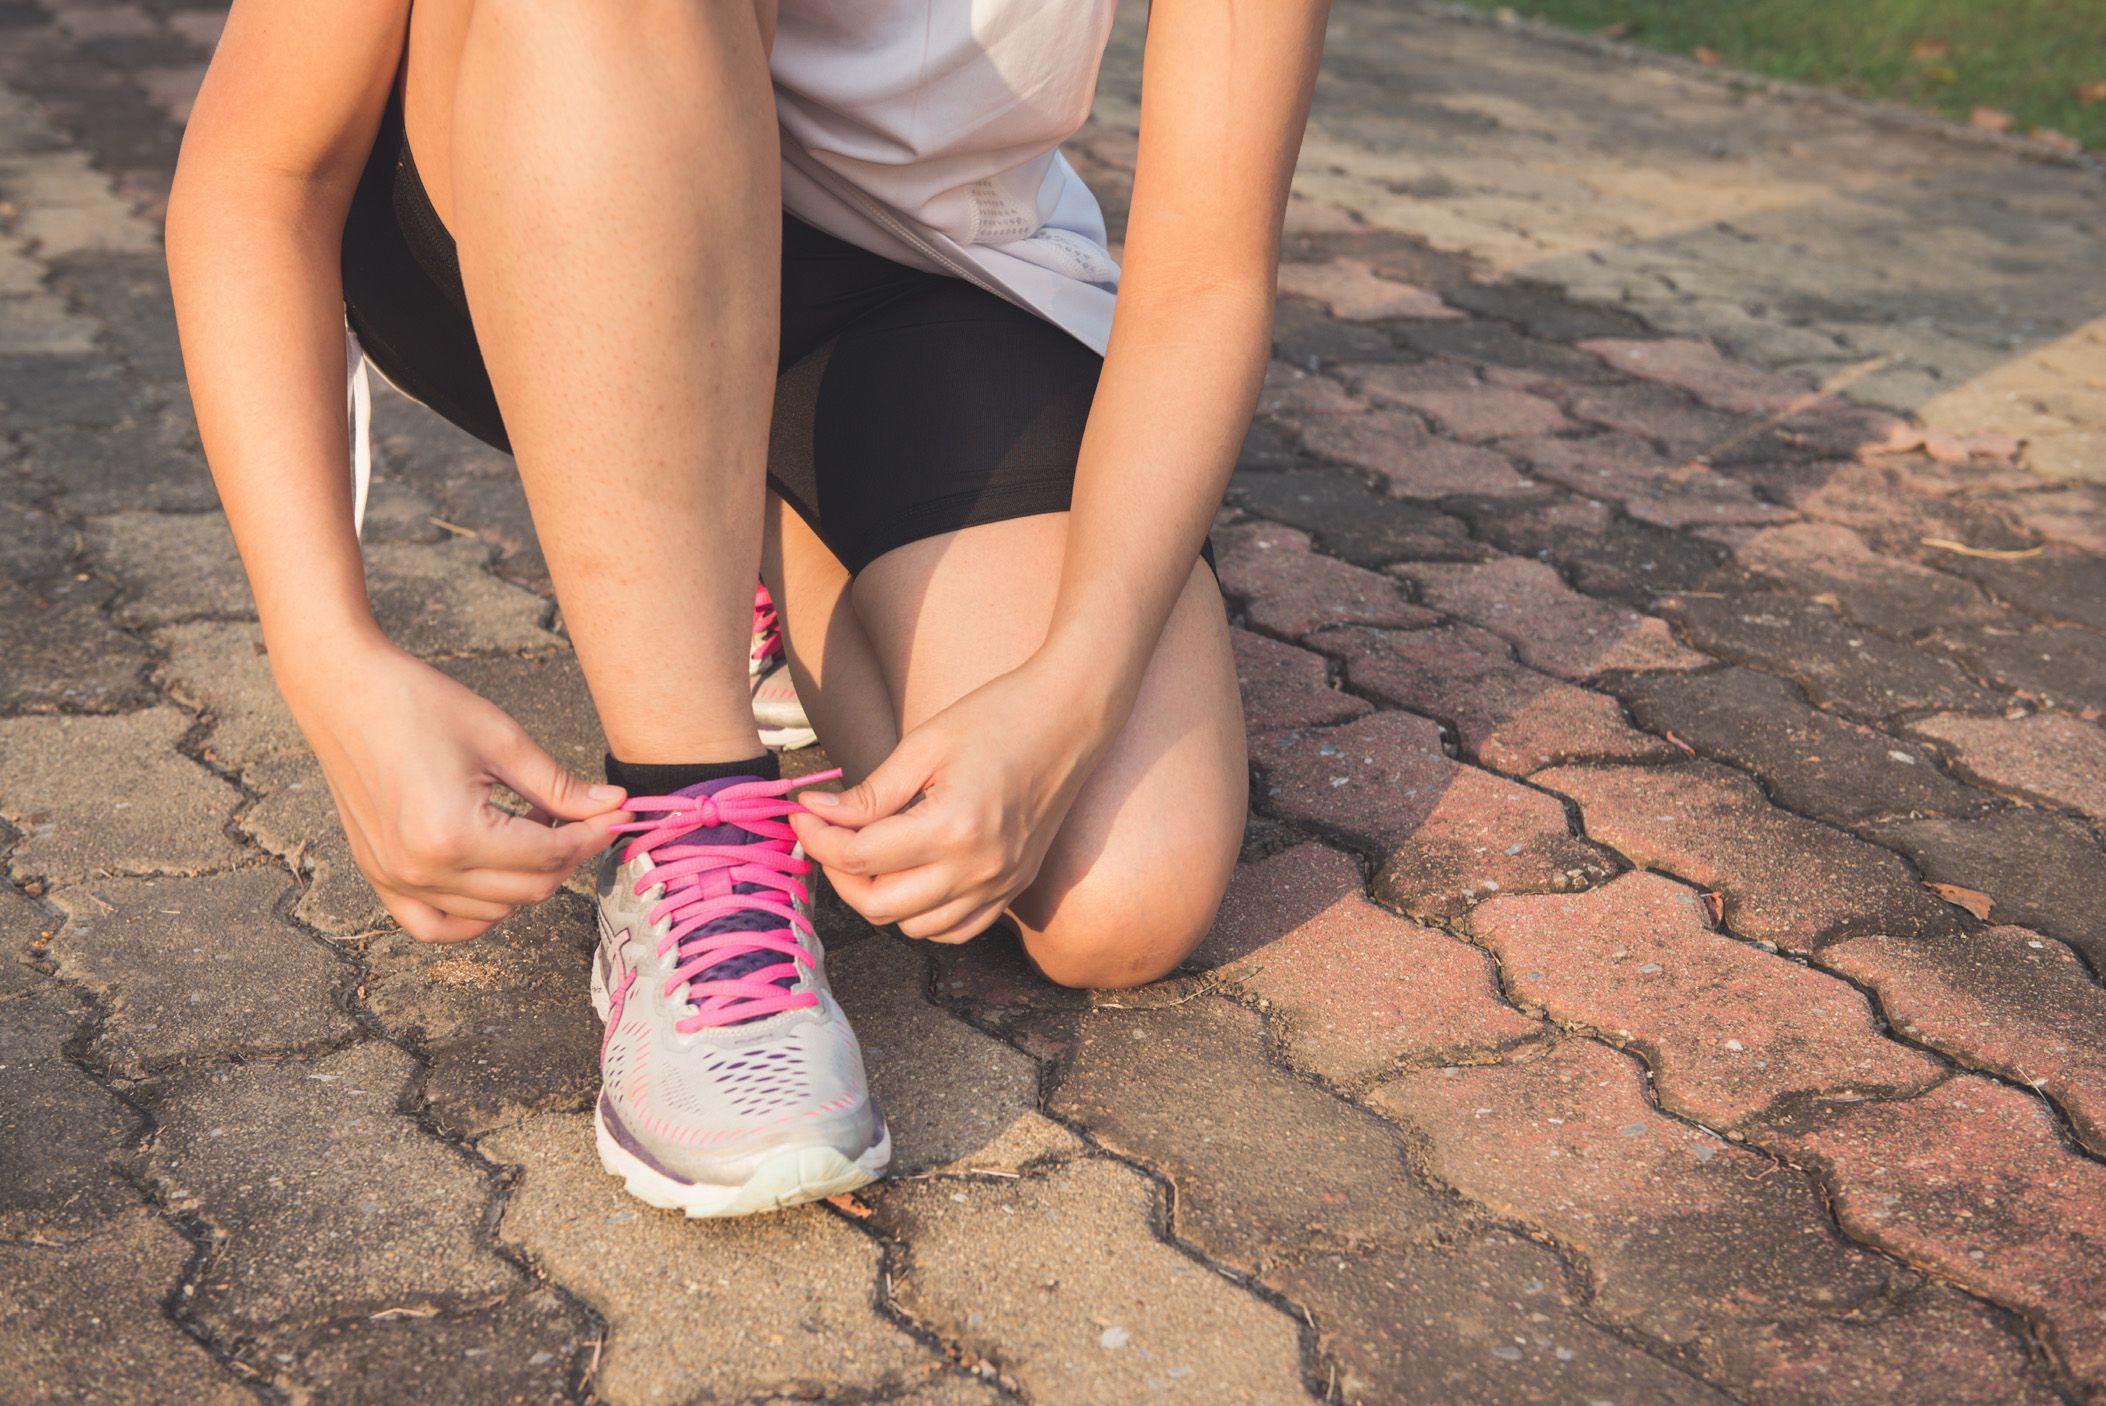 Outdoor workout: l'alternativa economica per mettersi in forma d'estate